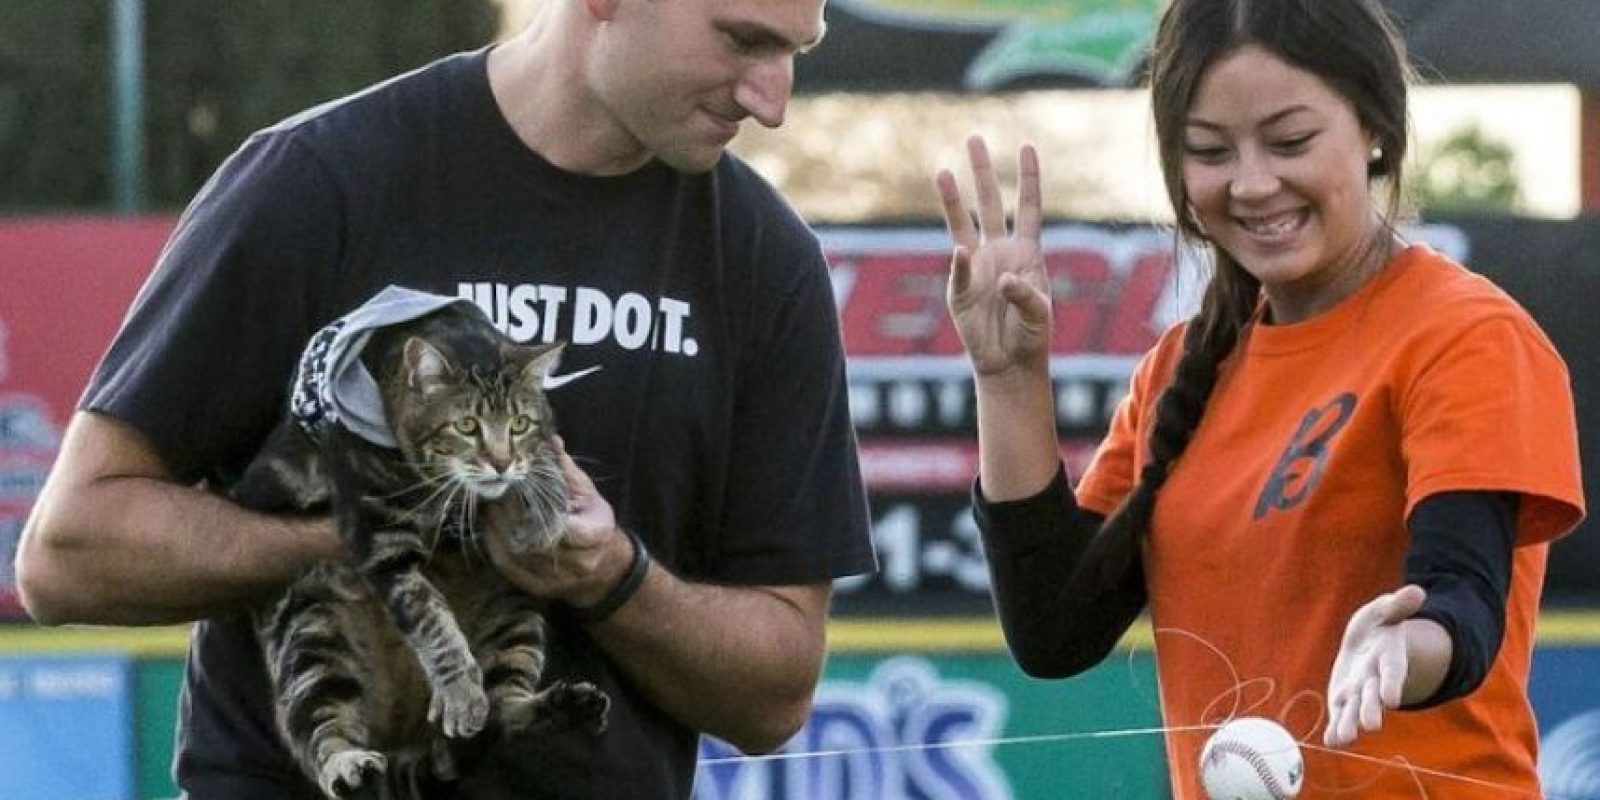 Tara fue invitada a lanzar la primera pelota en un juego de los Bakersfield Blaze de las Ligas Menores de Béisbol en Los Ángeles, California. Foto:AP